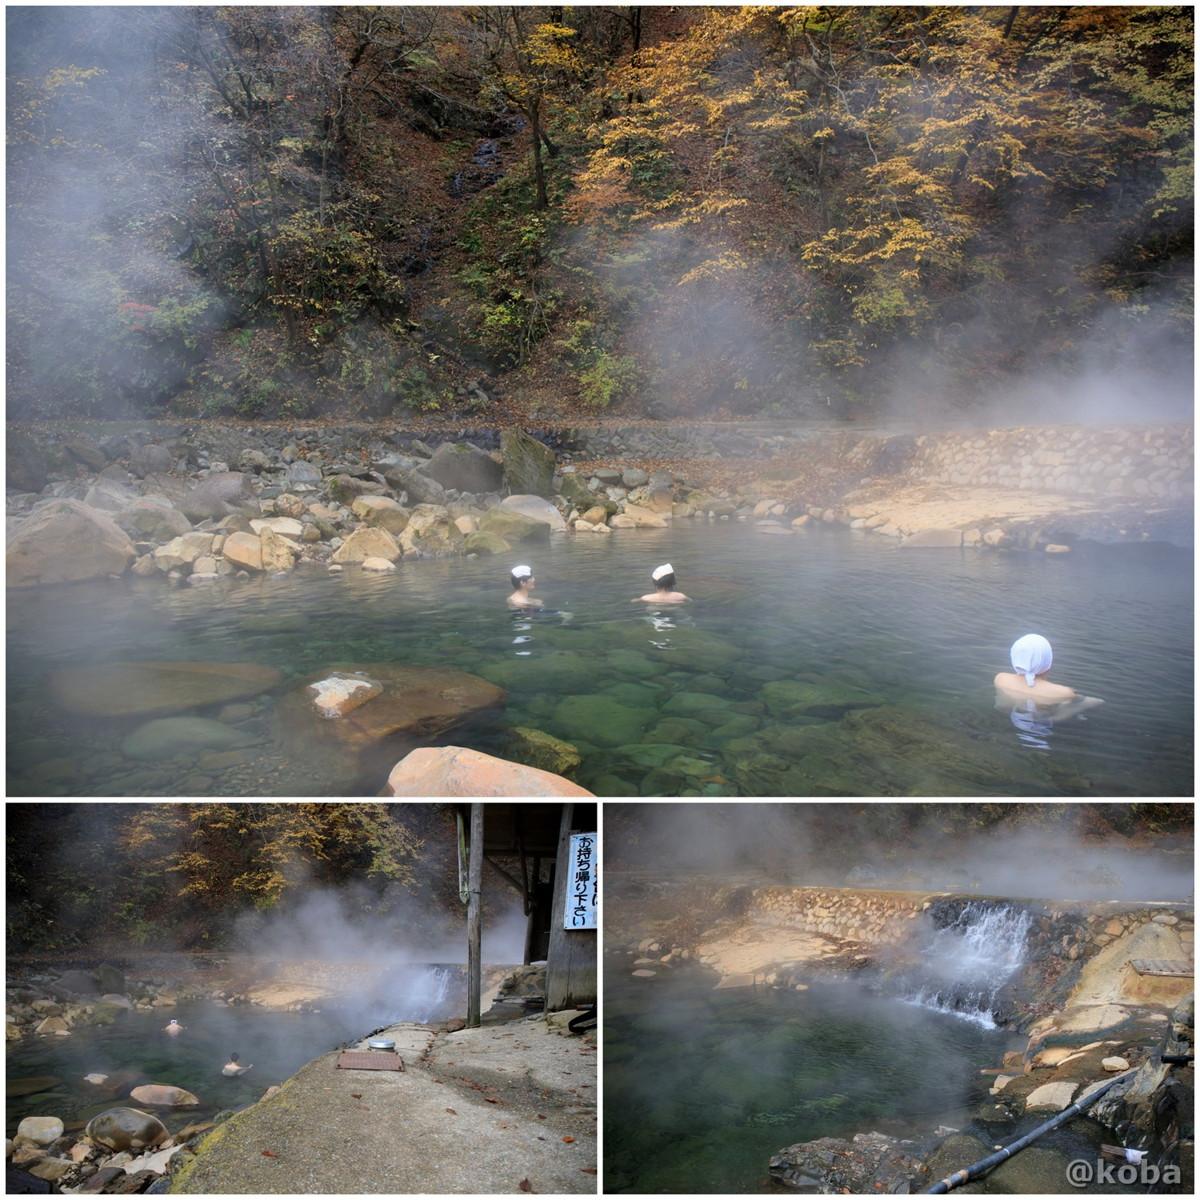 川の湯、入浴の写真│尻焼温泉(しりやきおんせん)川の湯 日帰り入浴│群馬県 ブログ